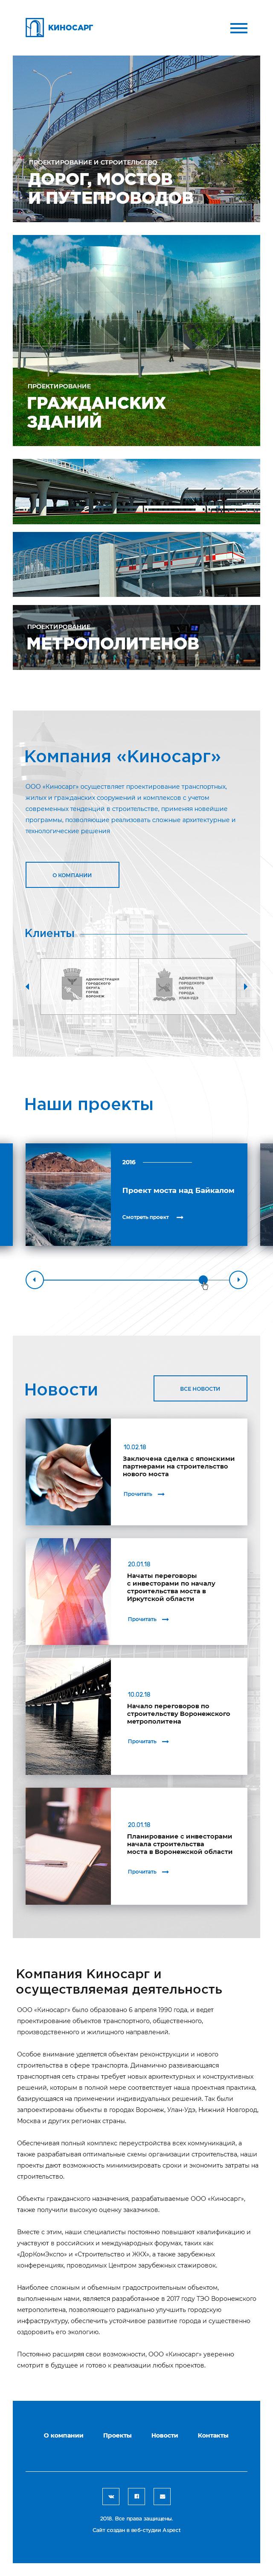 b2b сайты примеры Киносарг 640 px